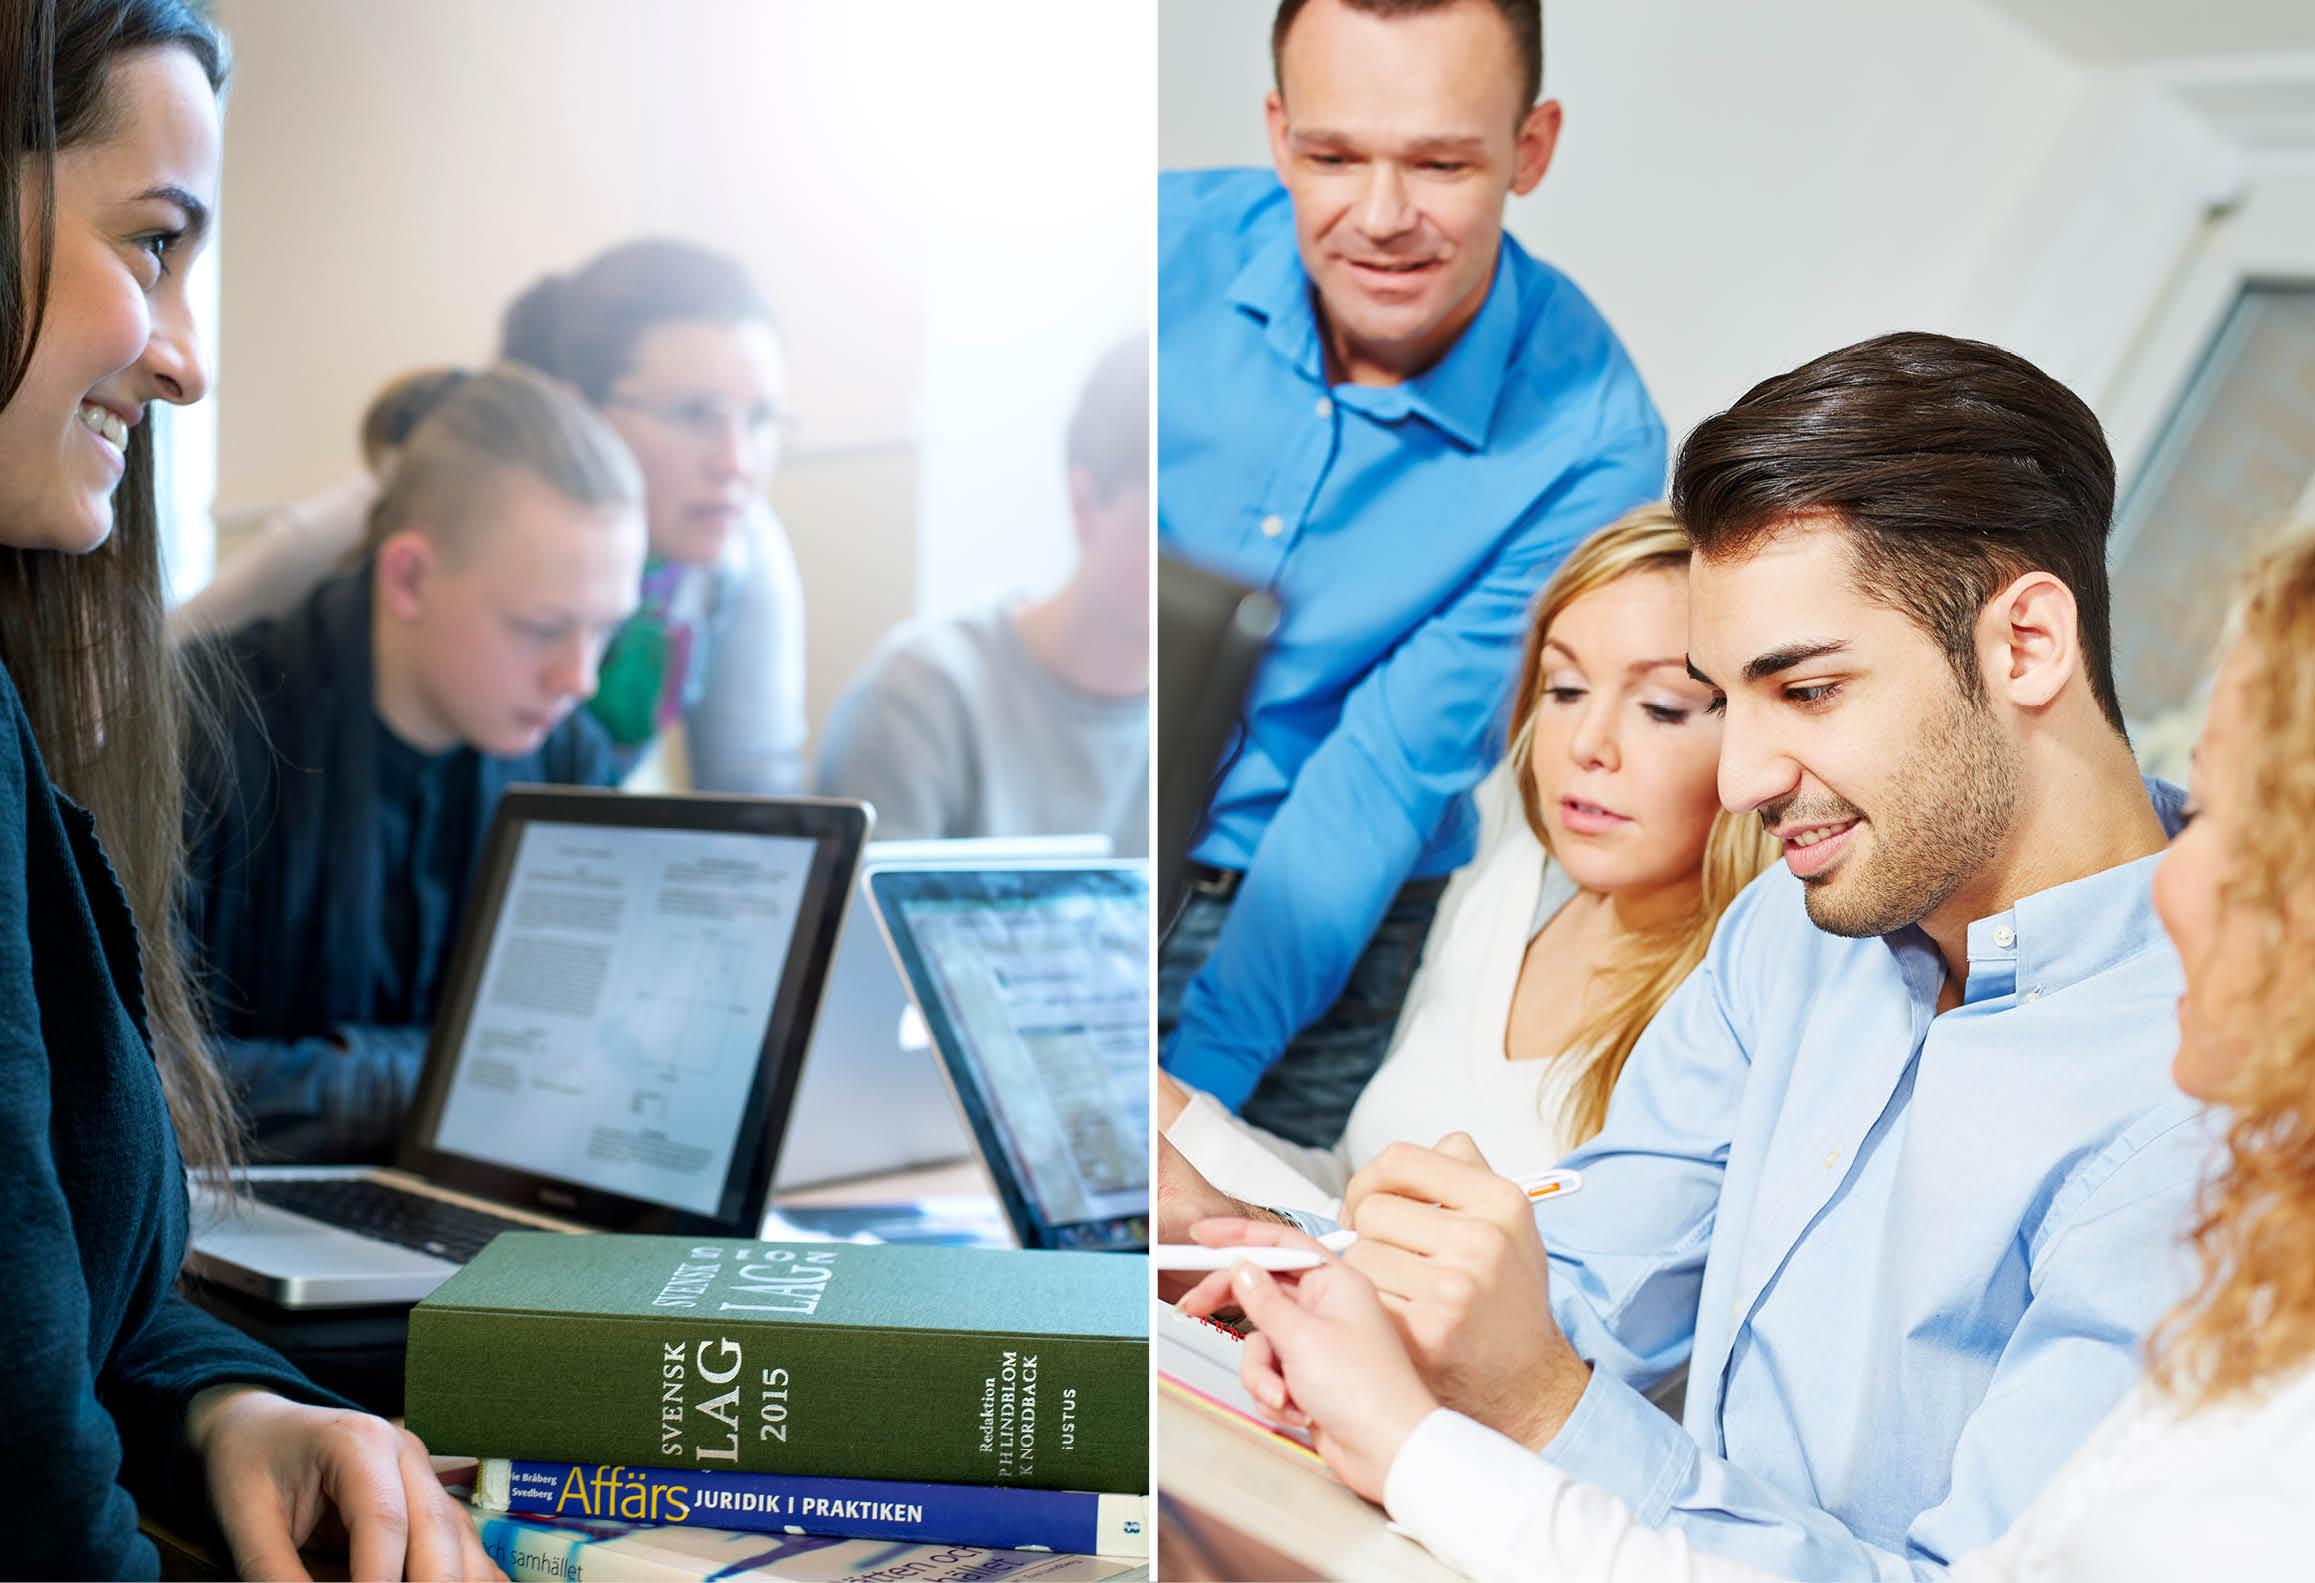 Juridikelever samt elever som studerar tillsammans